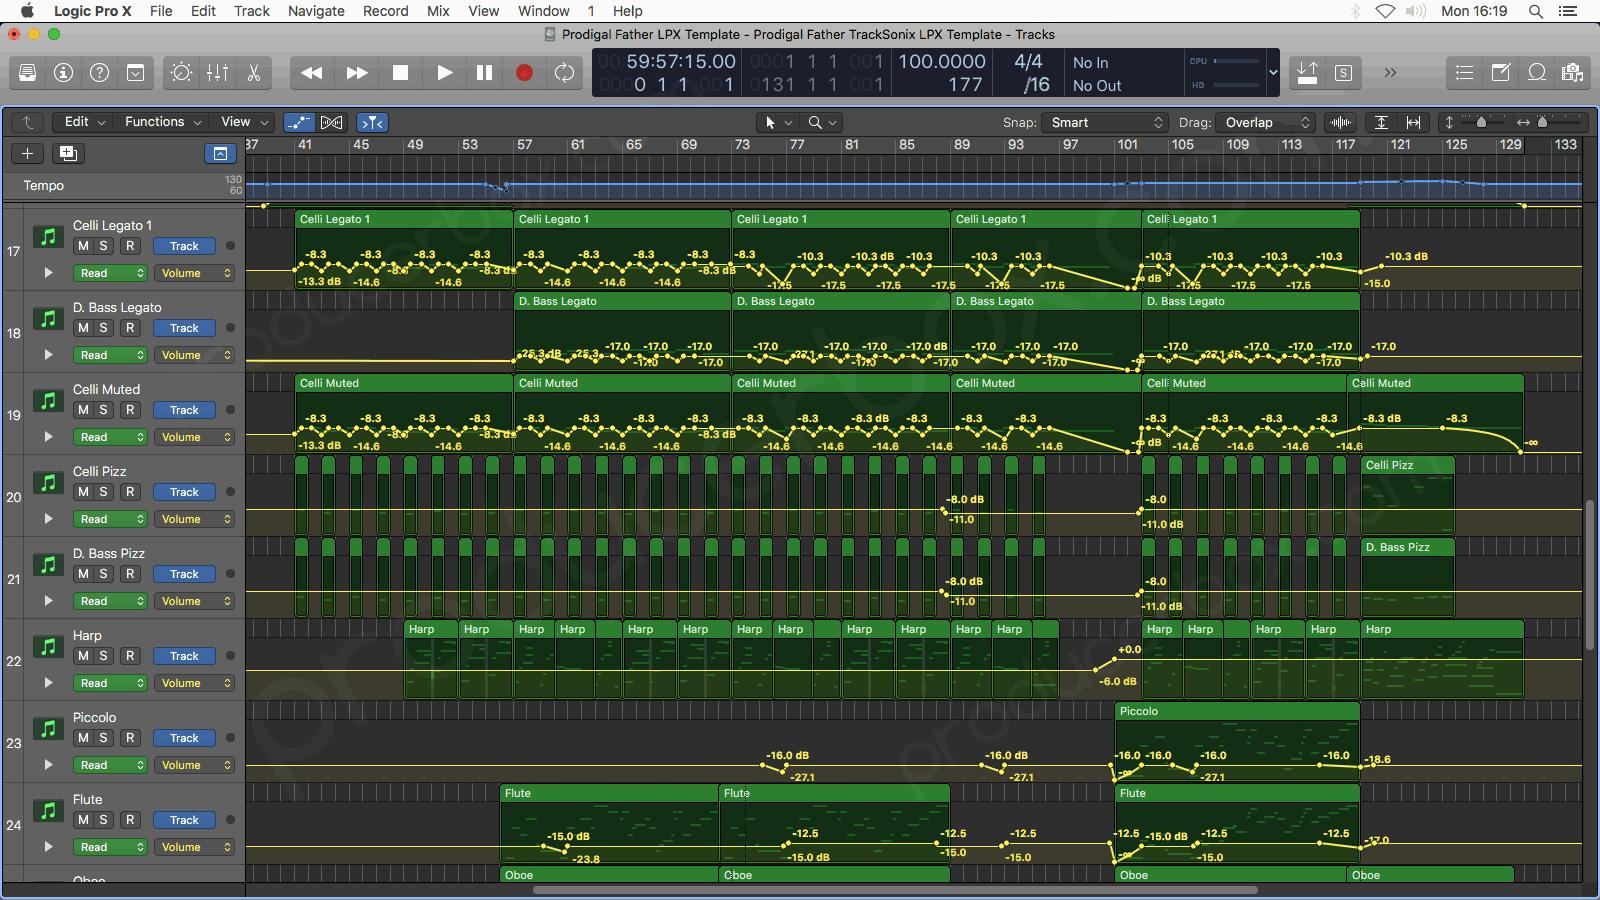 Logic Pro Arrangement Preview #1